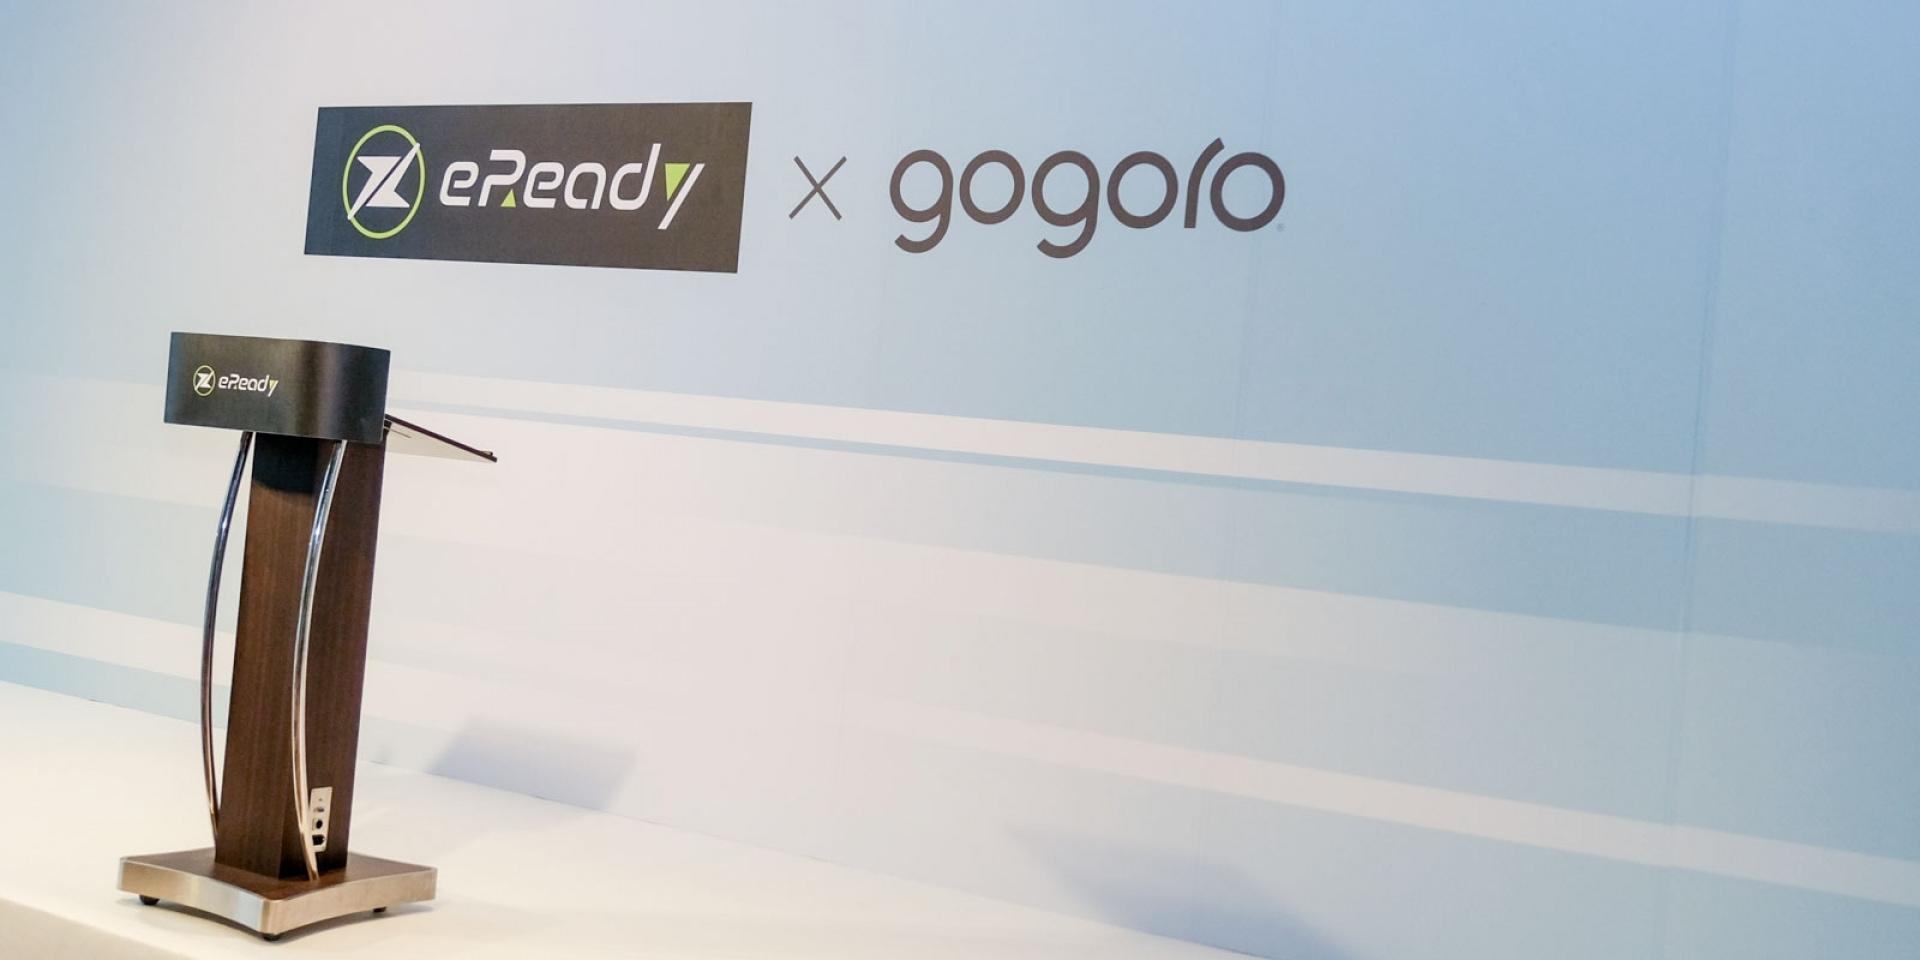 台鈴工業「eReady」正式加入換電陣營,Gogoro第四間合作車廠出現!